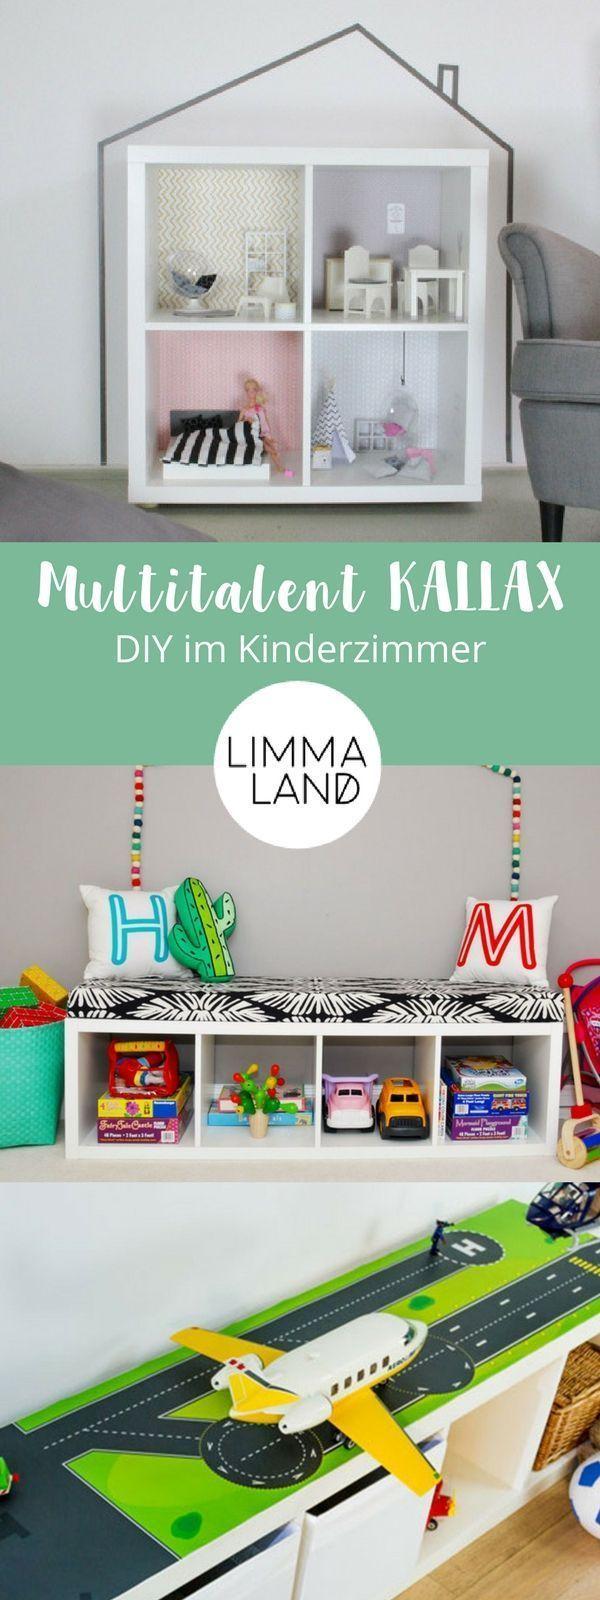 Kallax Ideen für das Kinderzimmer: DIY mit den Limmaland Klebefolien #ikeaideen